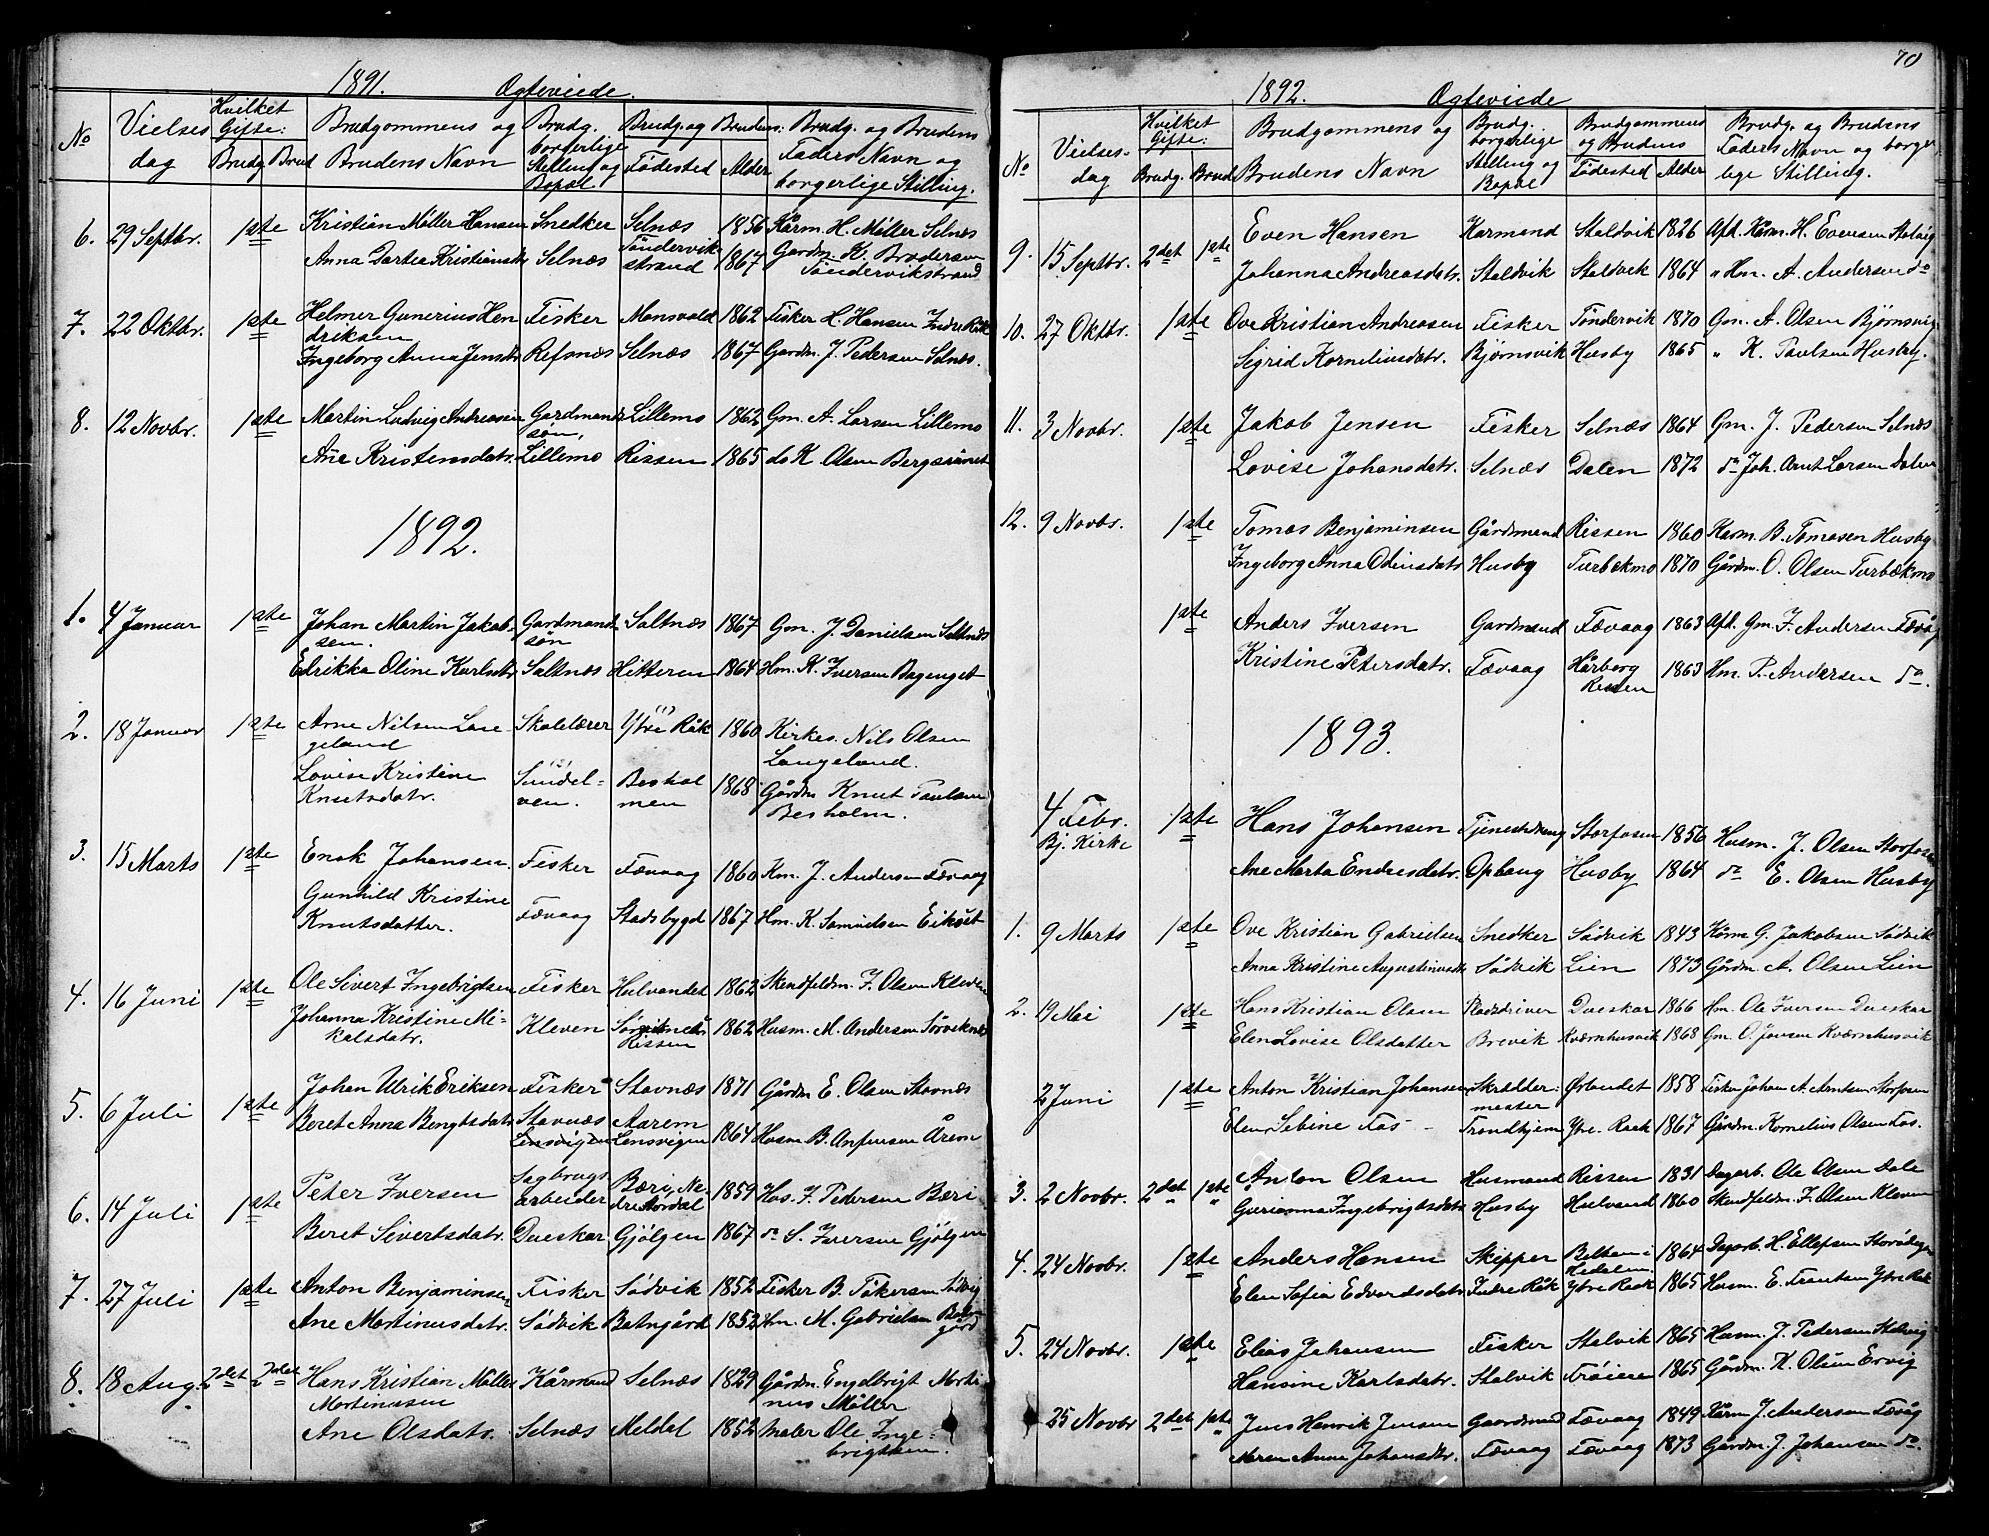 SAT, Ministerialprotokoller, klokkerbøker og fødselsregistre - Sør-Trøndelag, 653/L0657: Klokkerbok nr. 653C01, 1866-1893, s. 70